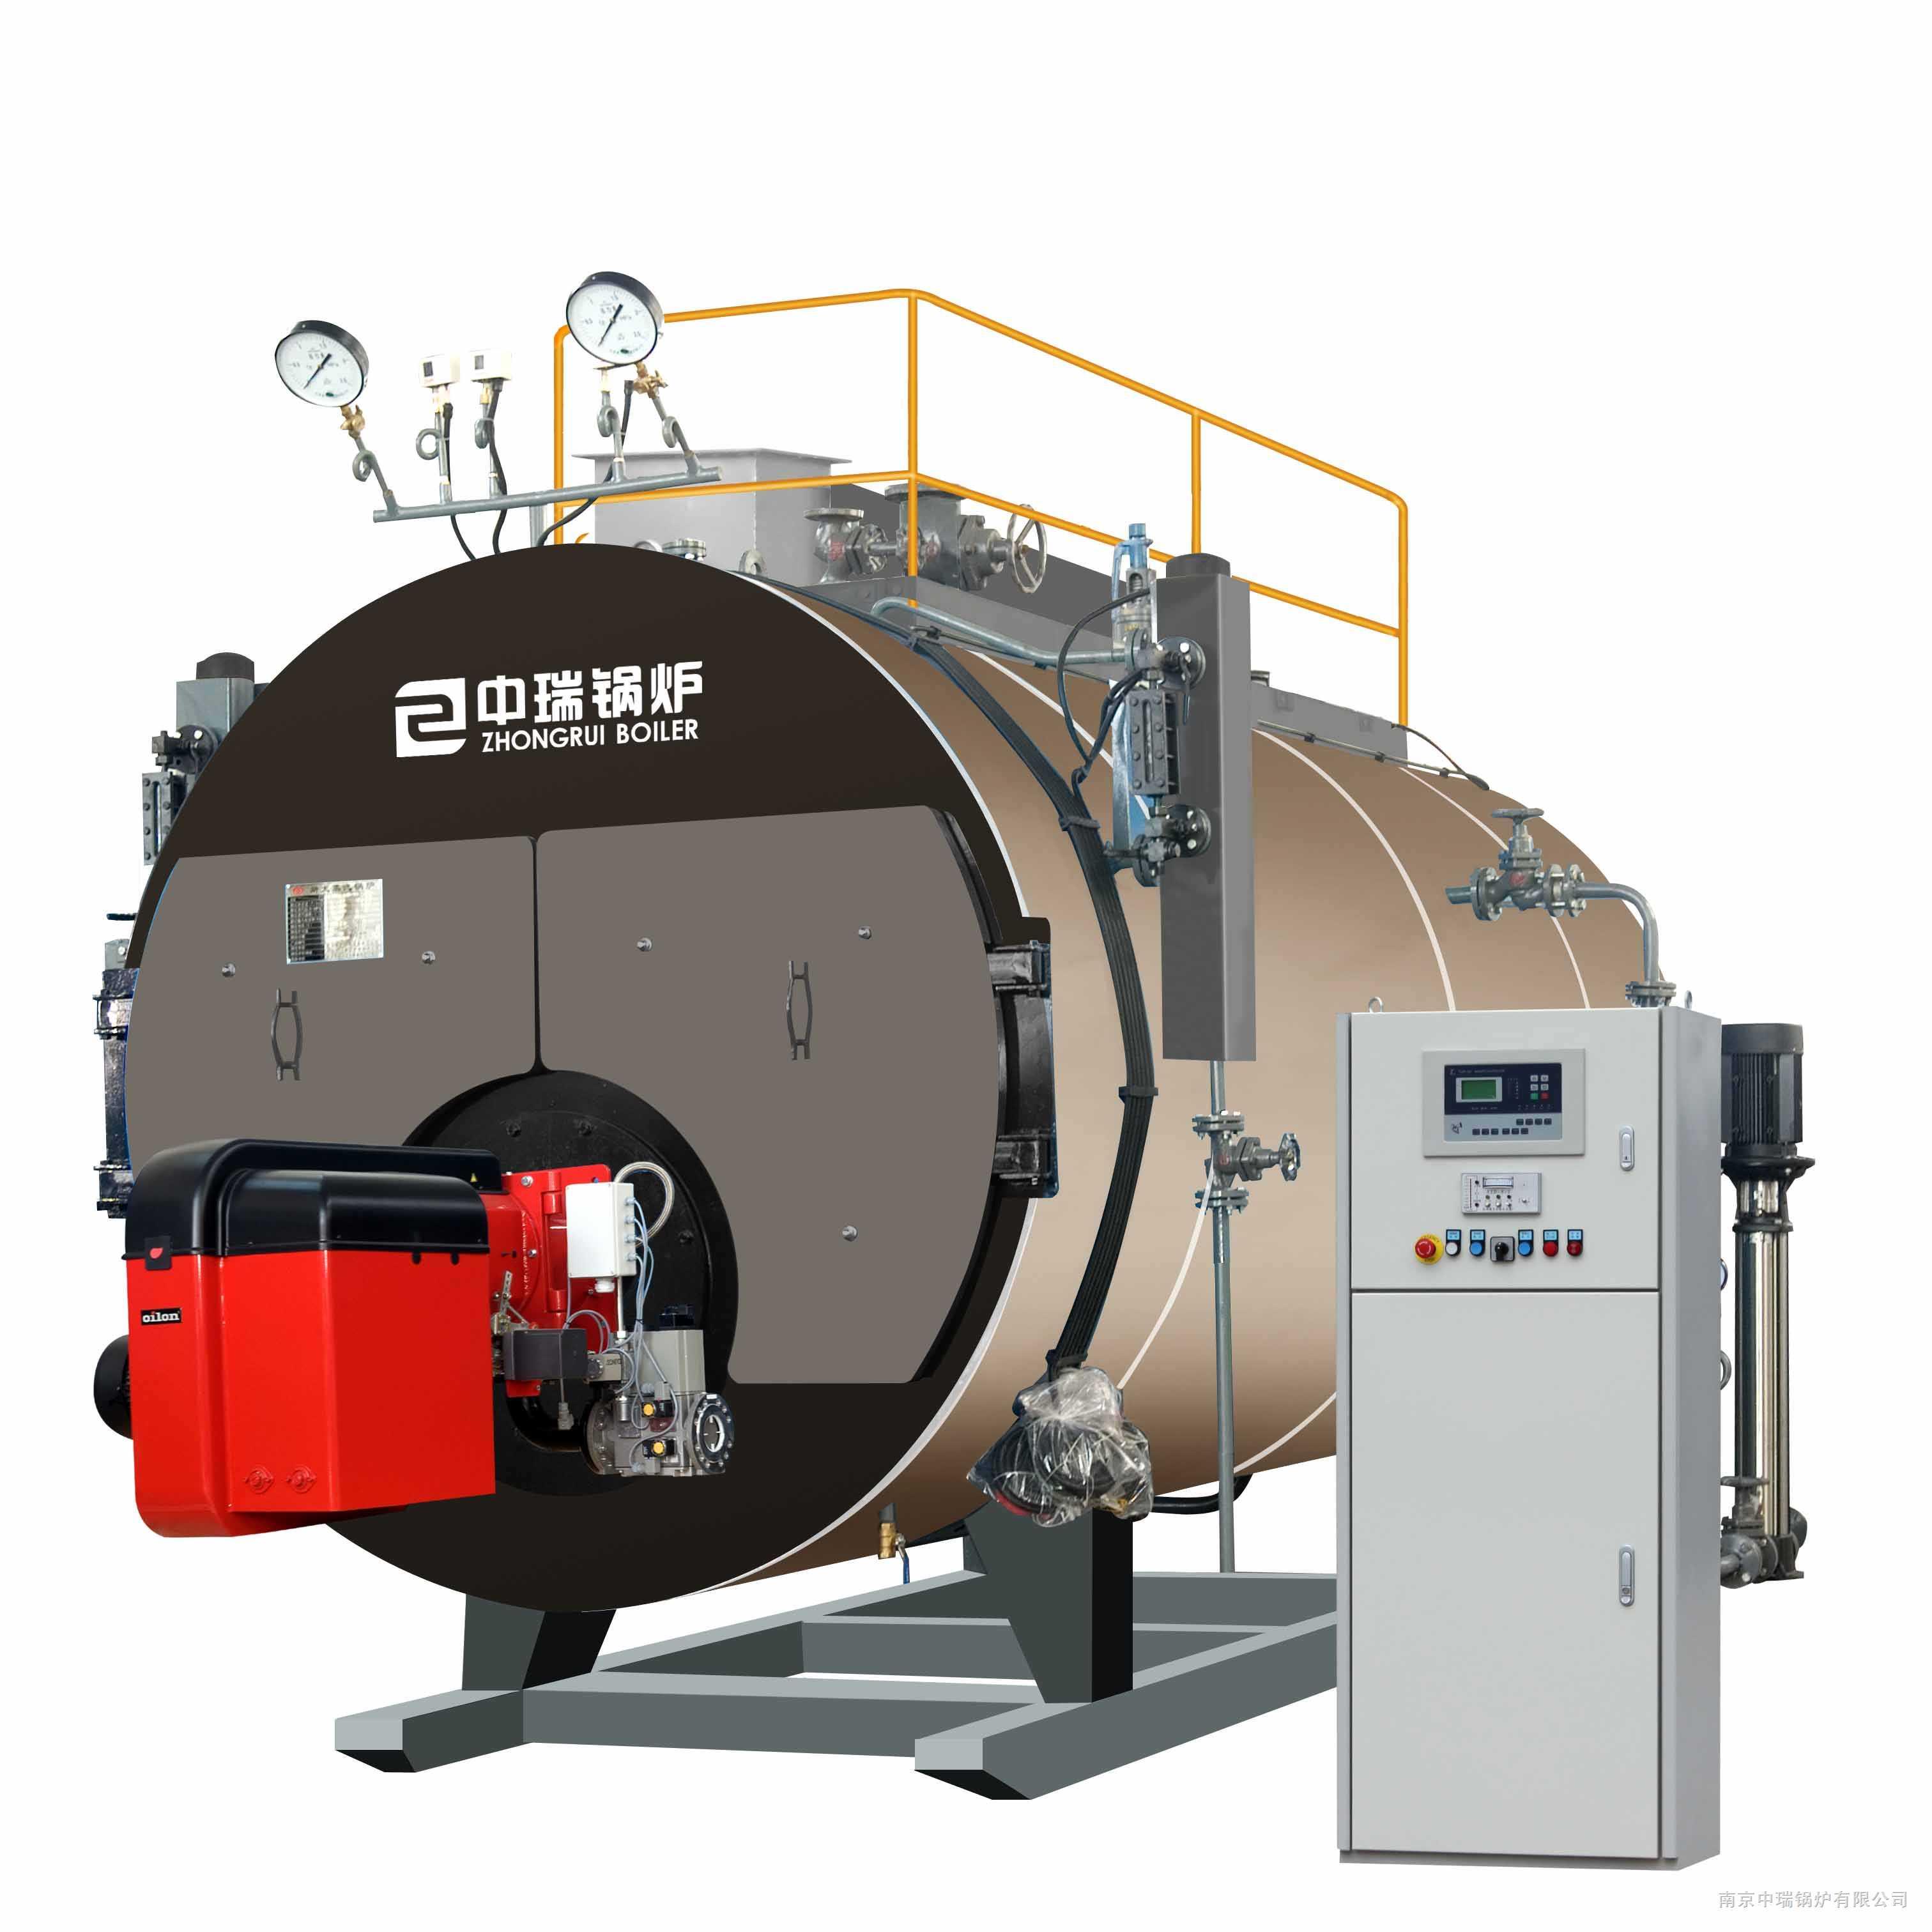 卧式冷凝蒸汽锅炉-南京中瑞锅炉有限公司